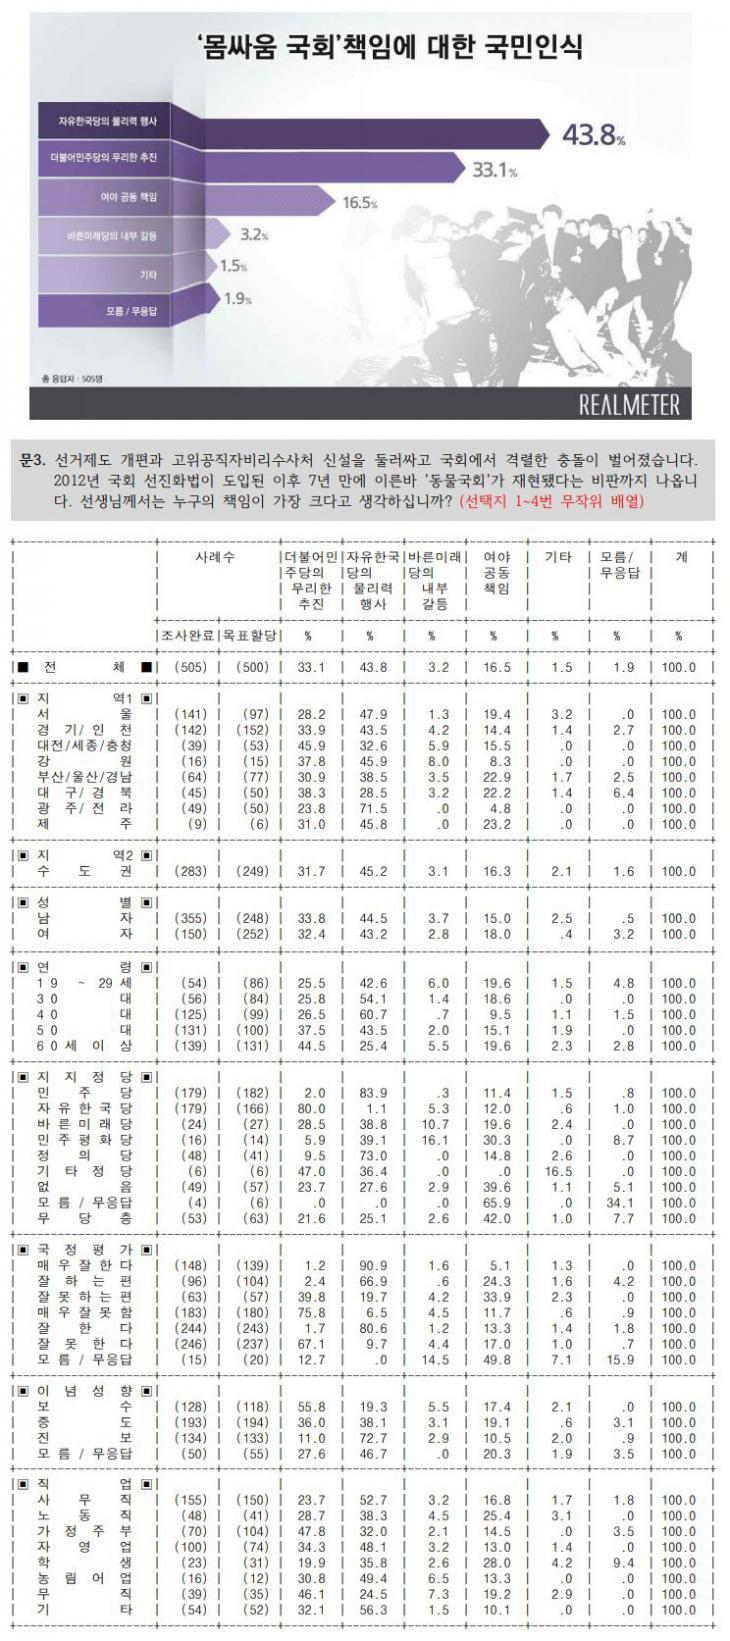 '몸싸움 국회'책임에 대한 국민인식 / 리얼미터